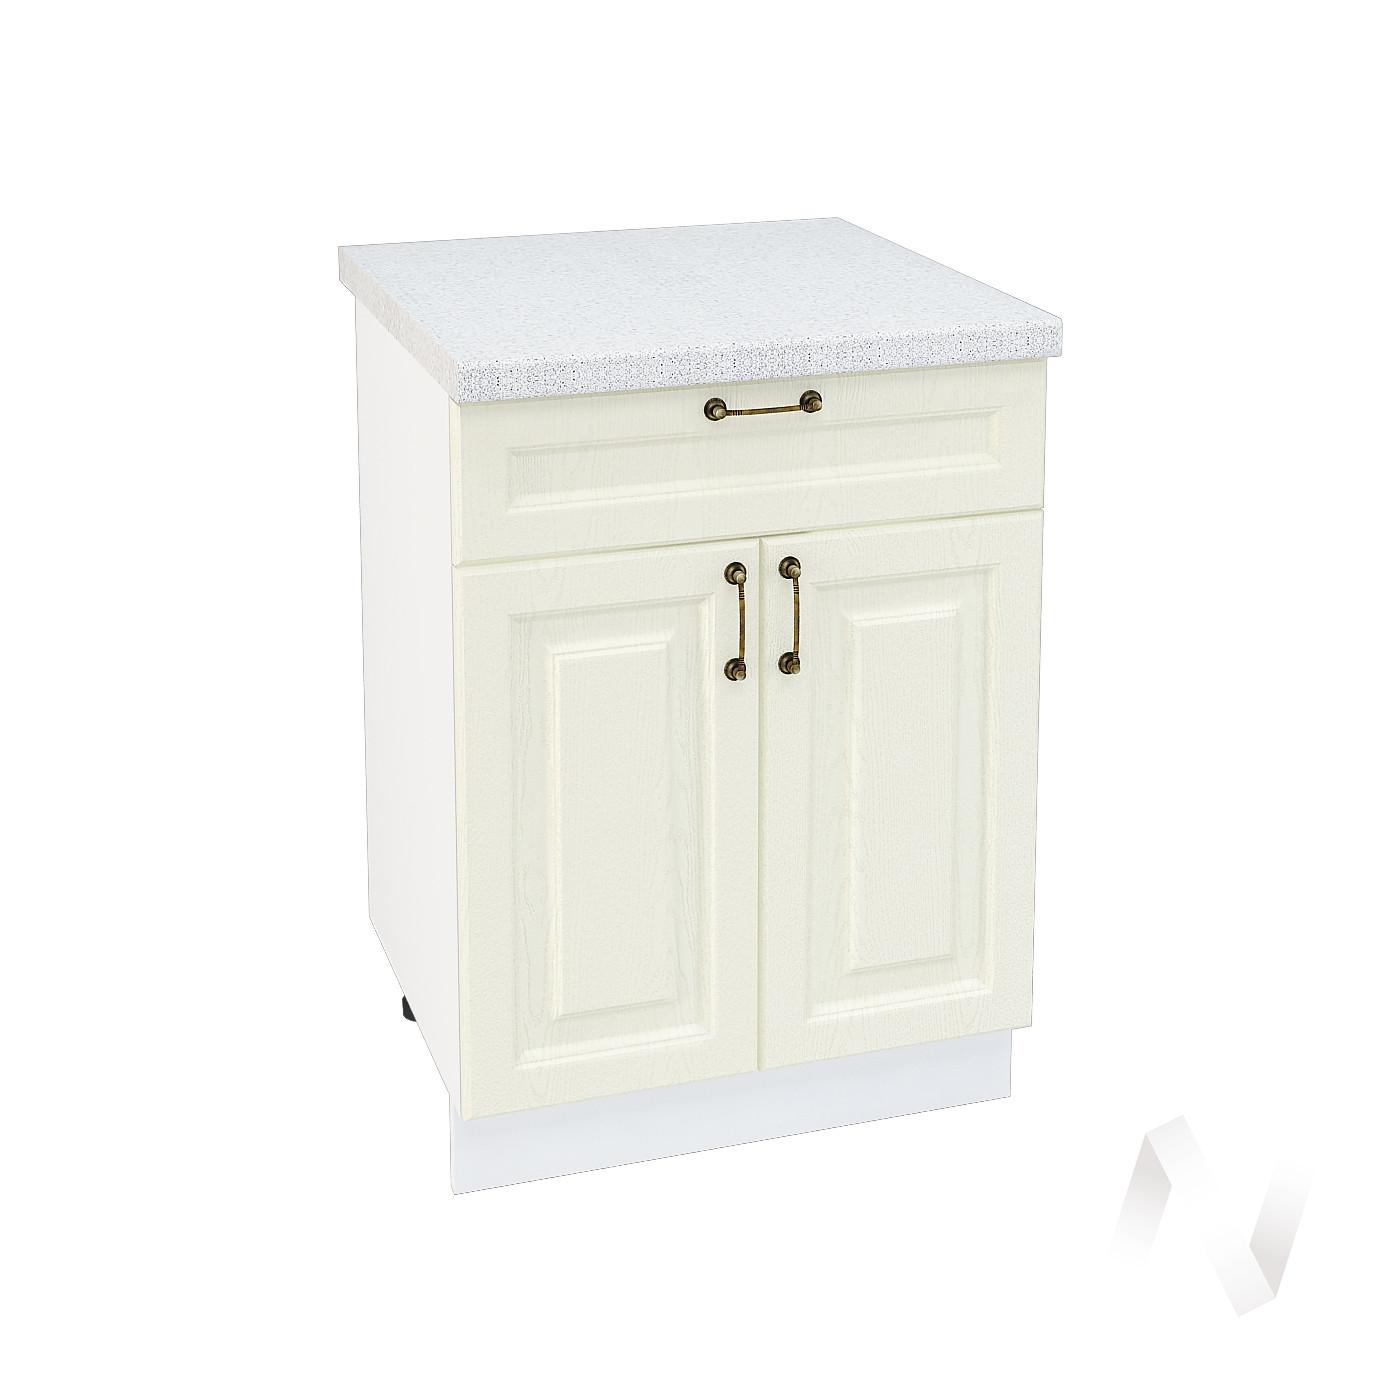 """Кухня """"Ницца"""": Шкаф нижний с ящиком 600, ШН1Я 600 М (Крем/корпус белый)"""